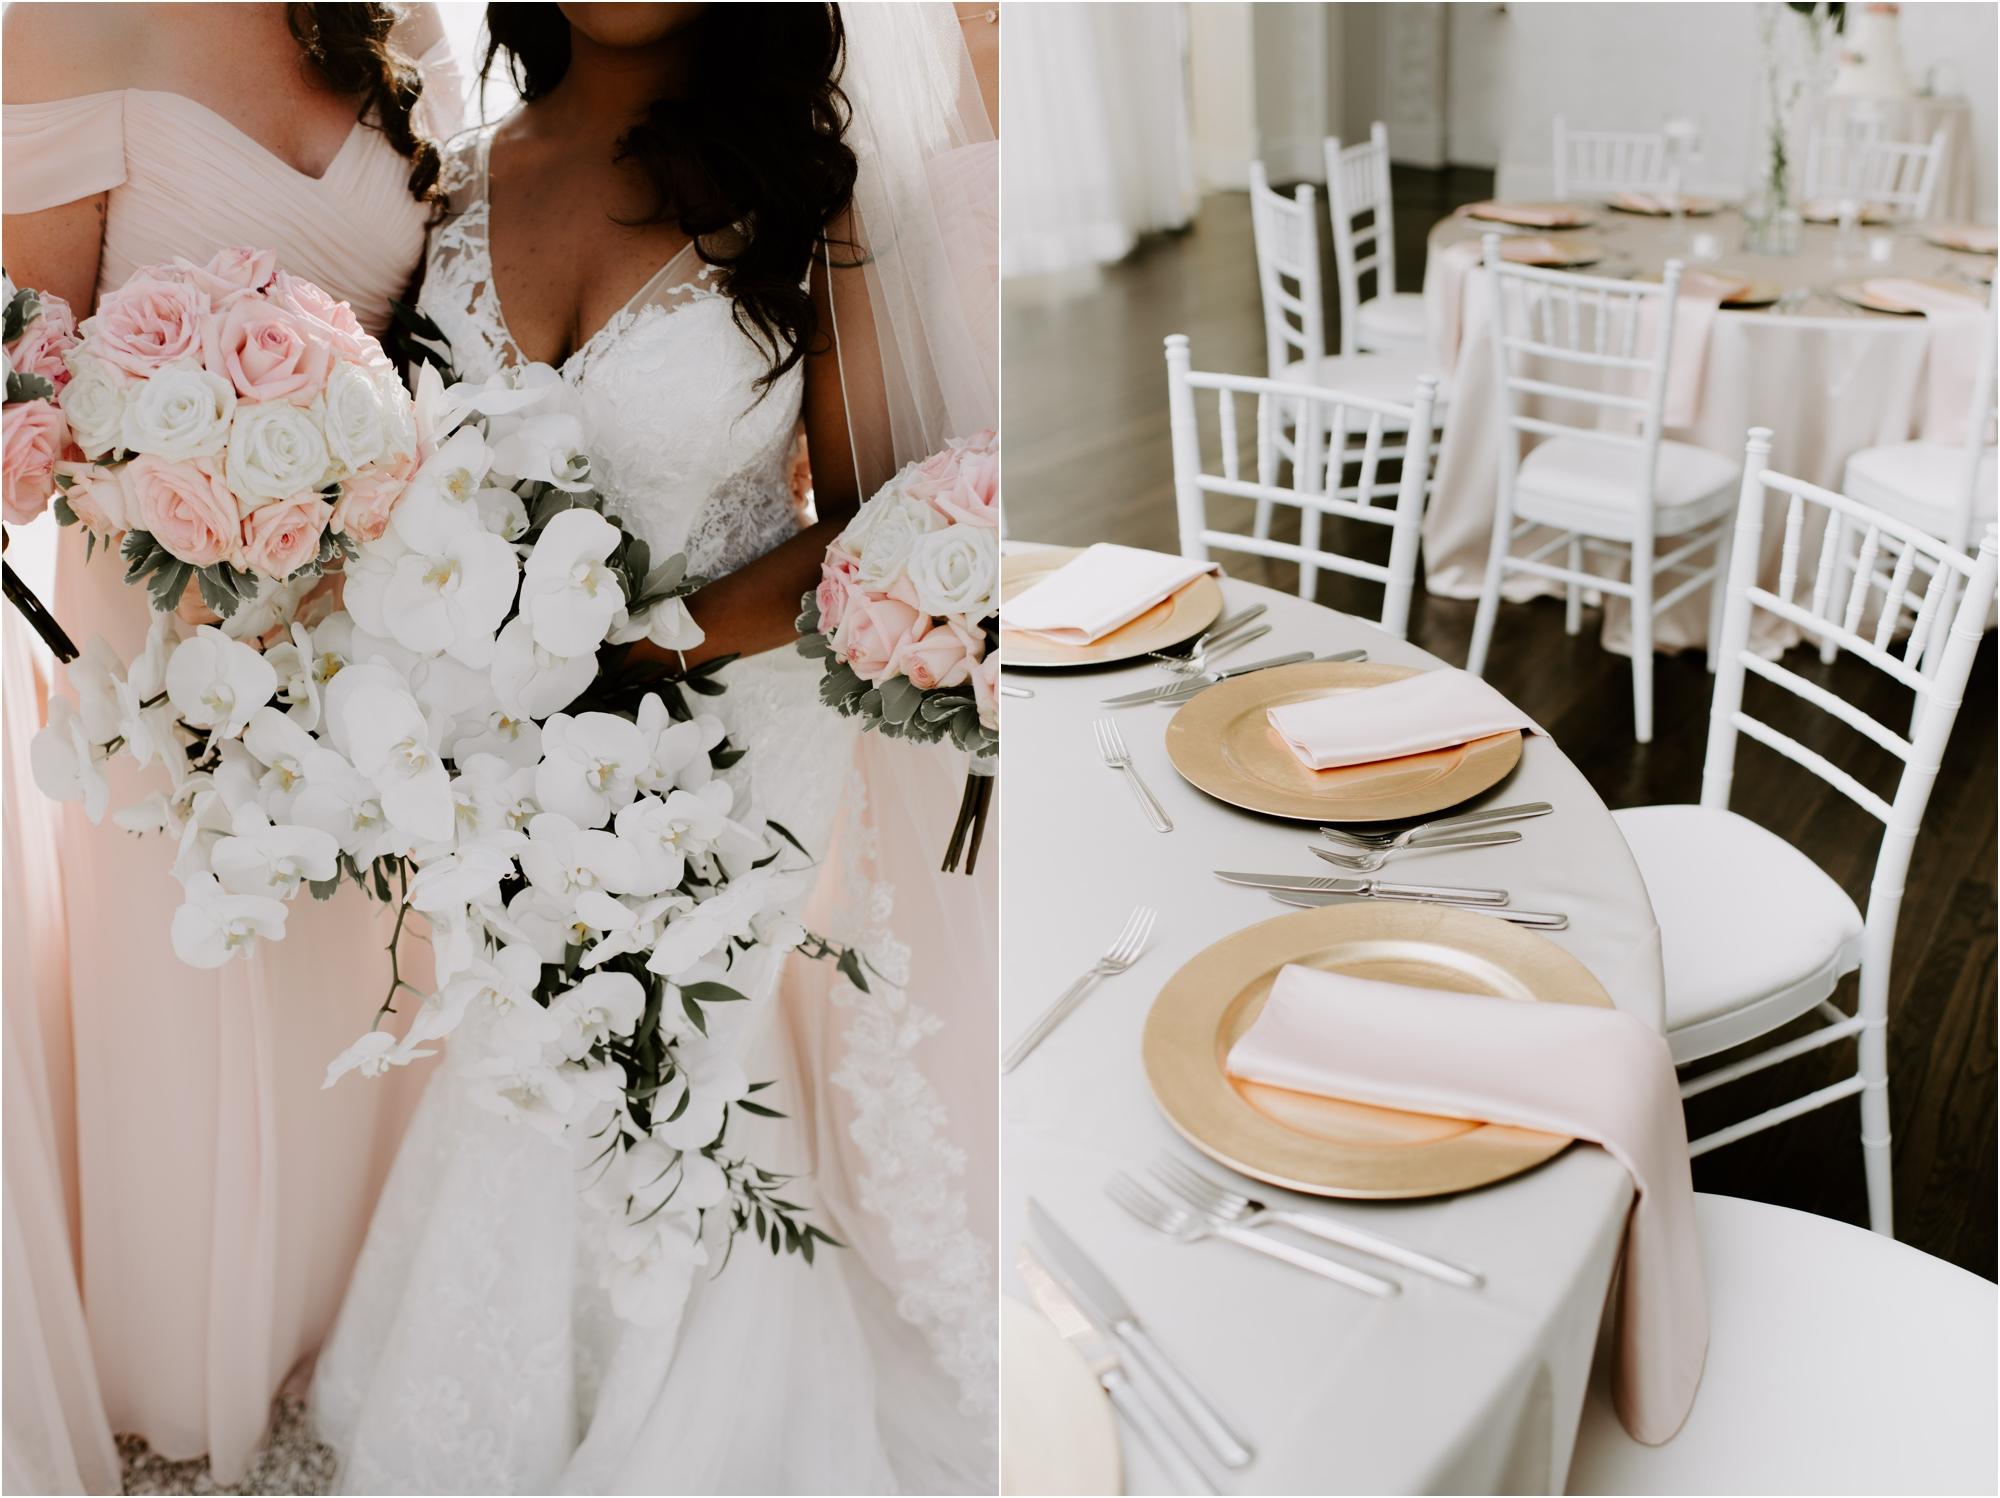 JANELLEANDJULIAN-wedding-madelinerosephotographyco_0031.jpg